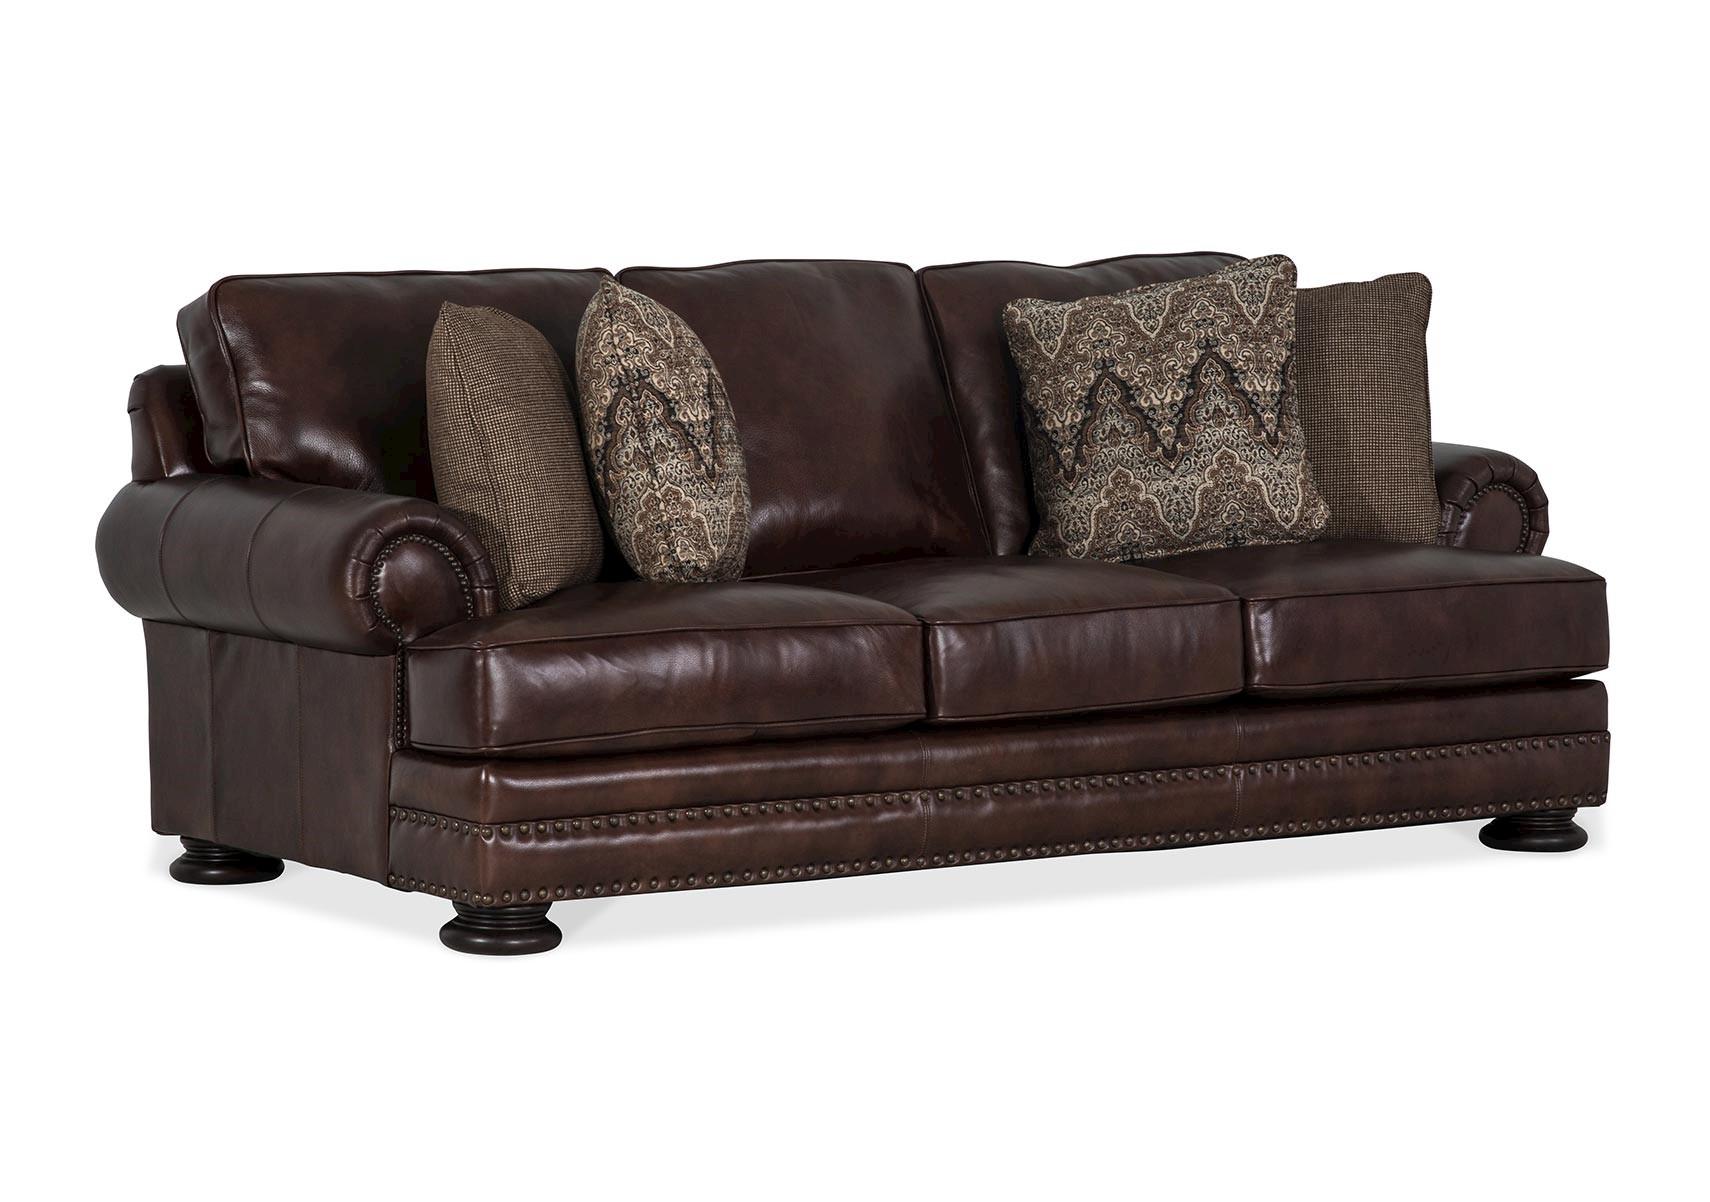 Lacks | Foster Chocolate Leather Sofa